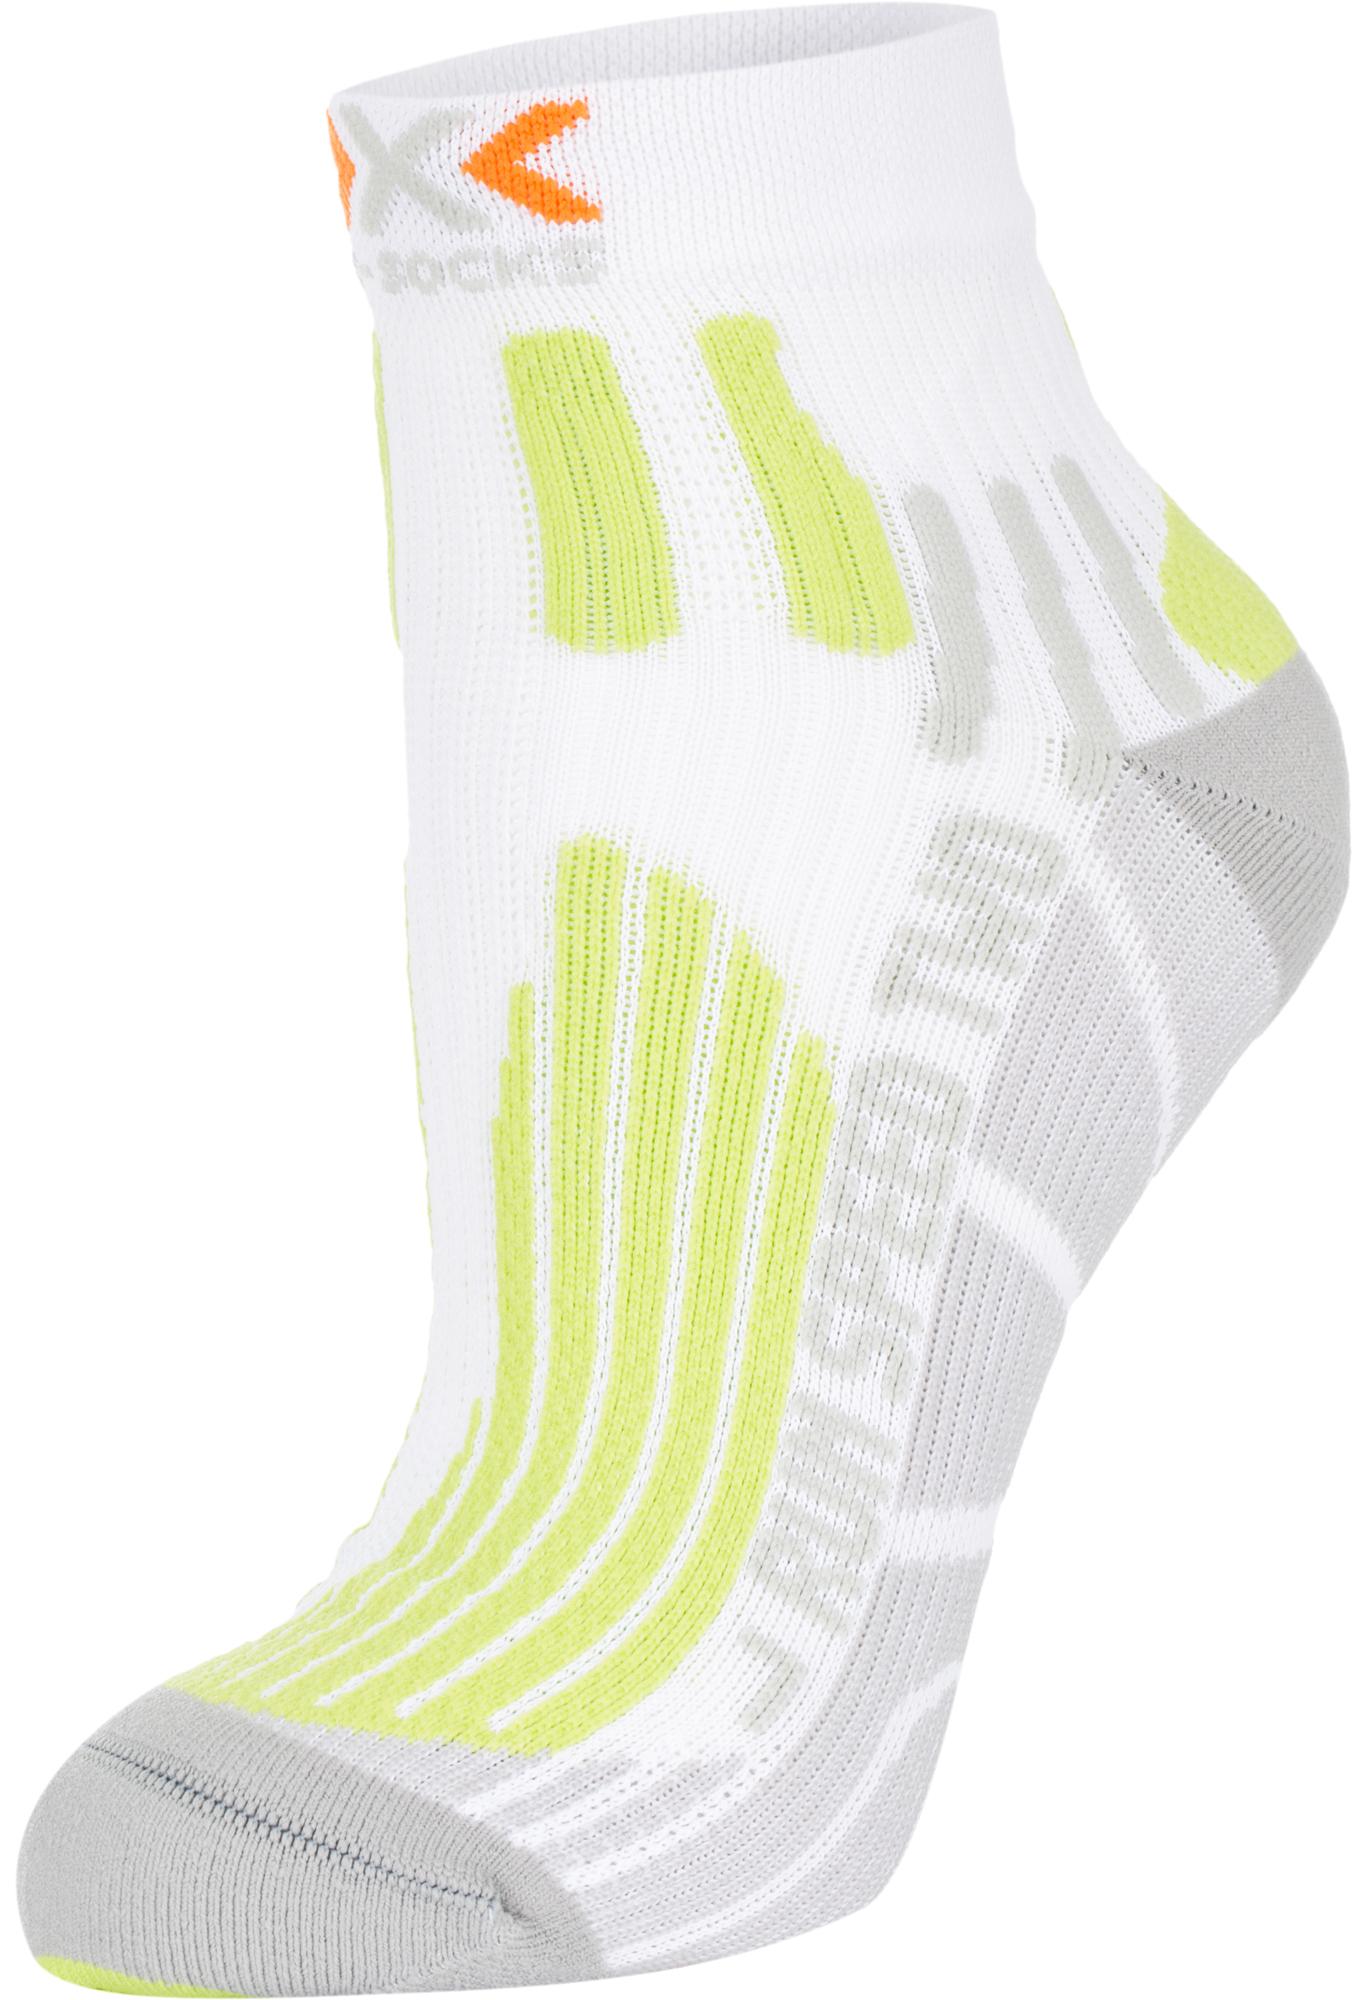 X-Socks Носки X-Socks, 1 пара, размер 45-47 цена 2017